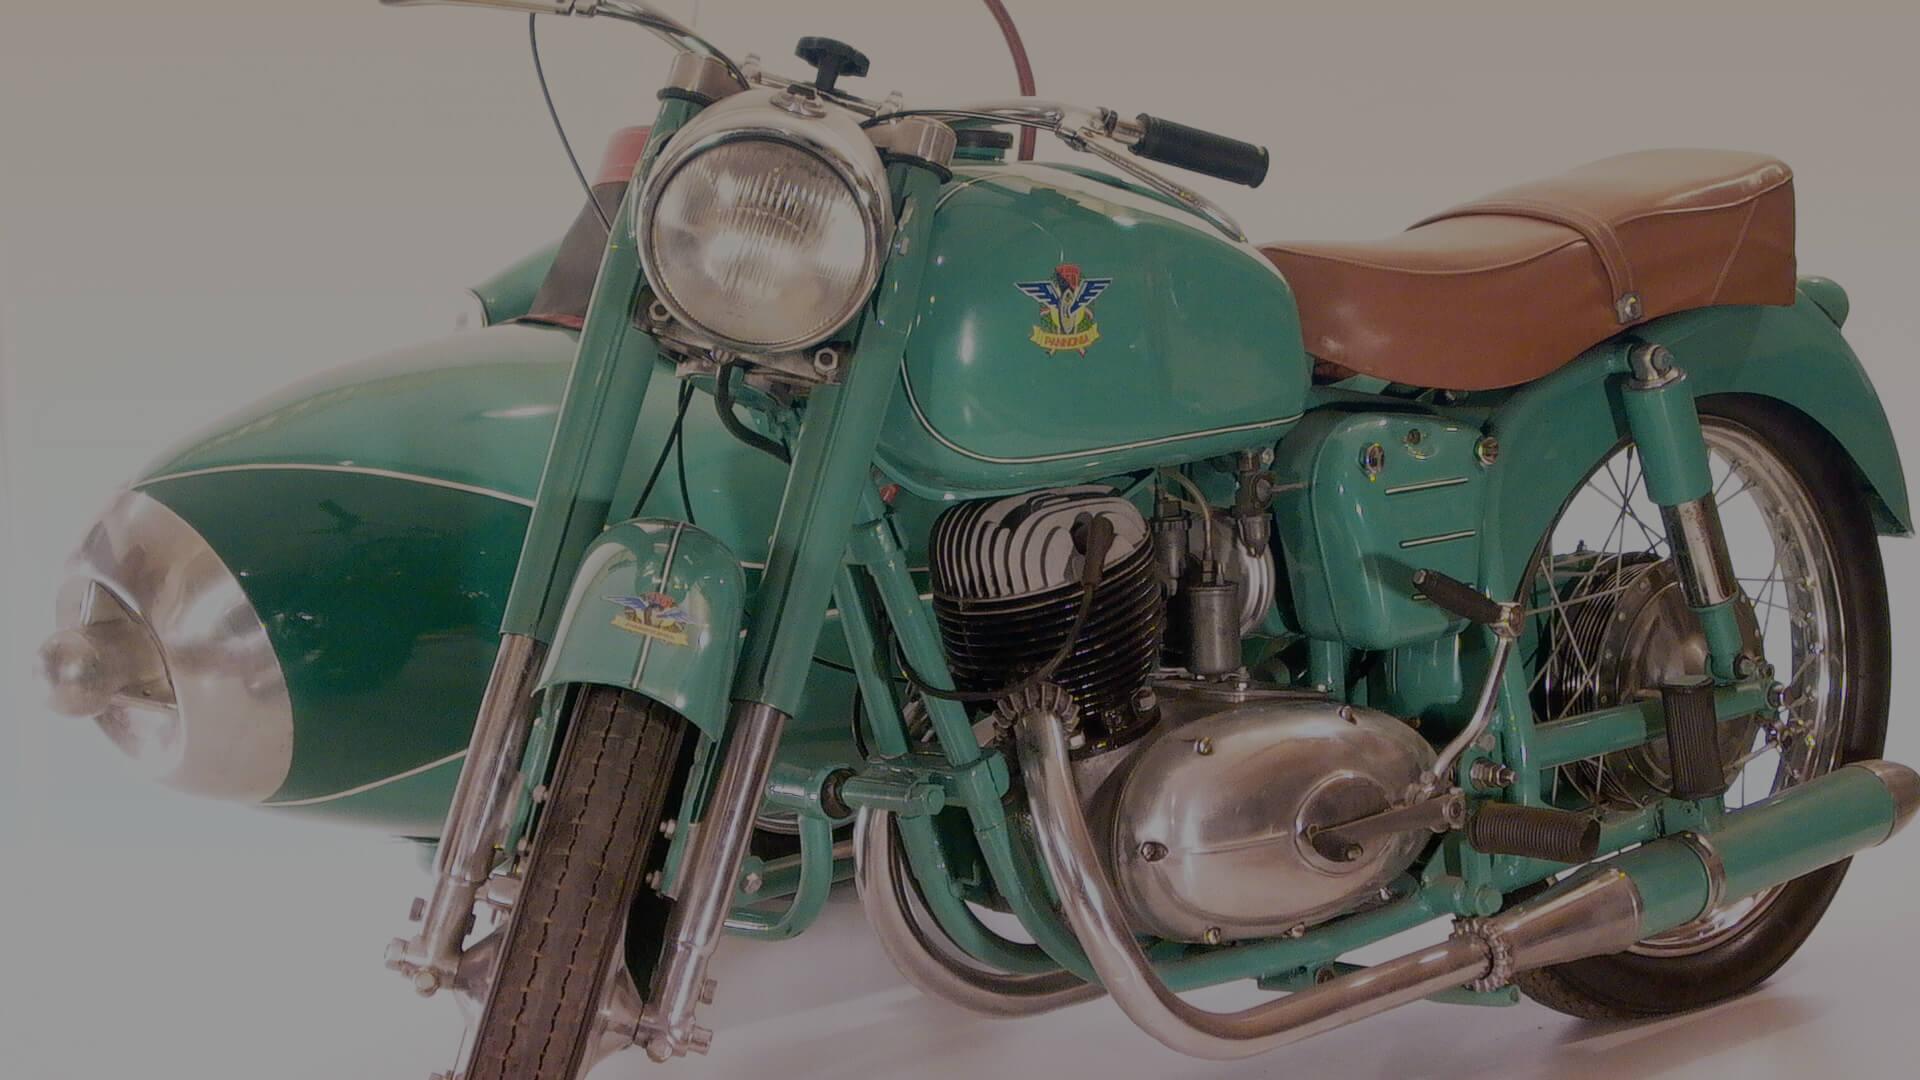 PANNONIA TLT, 247 cm³, 1957